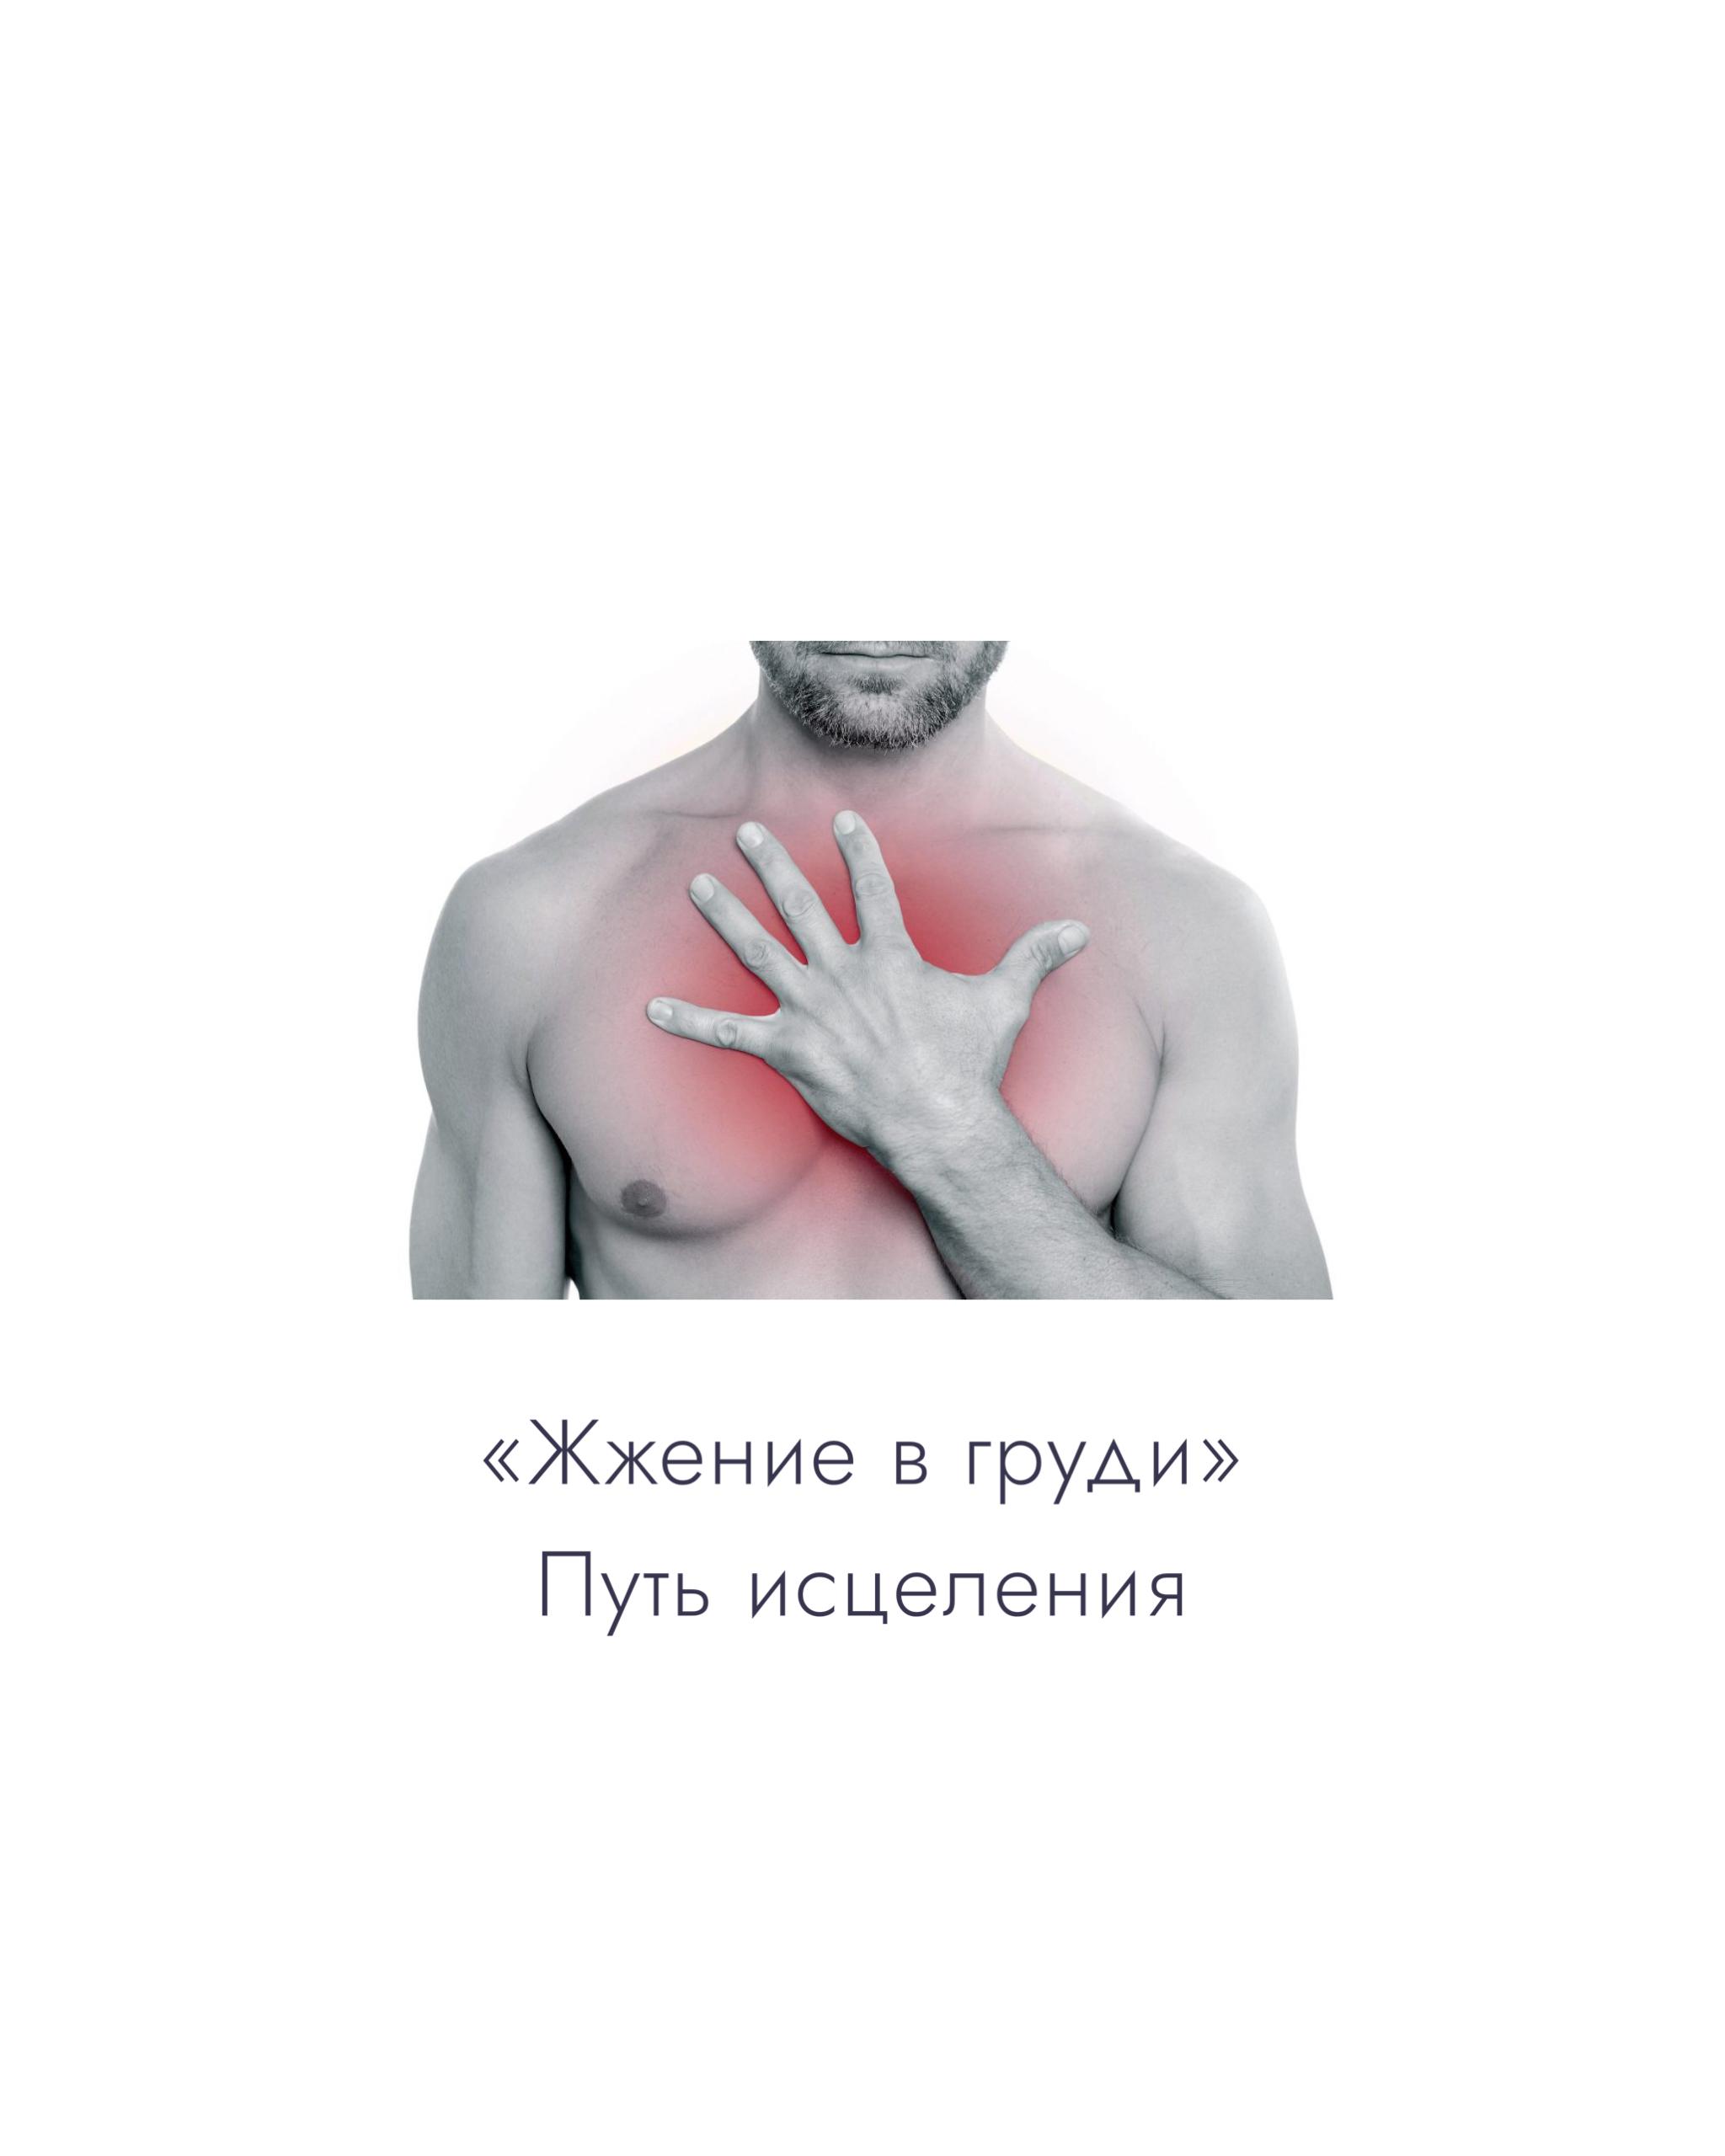 «Жжение в груди». Путь исцеления.